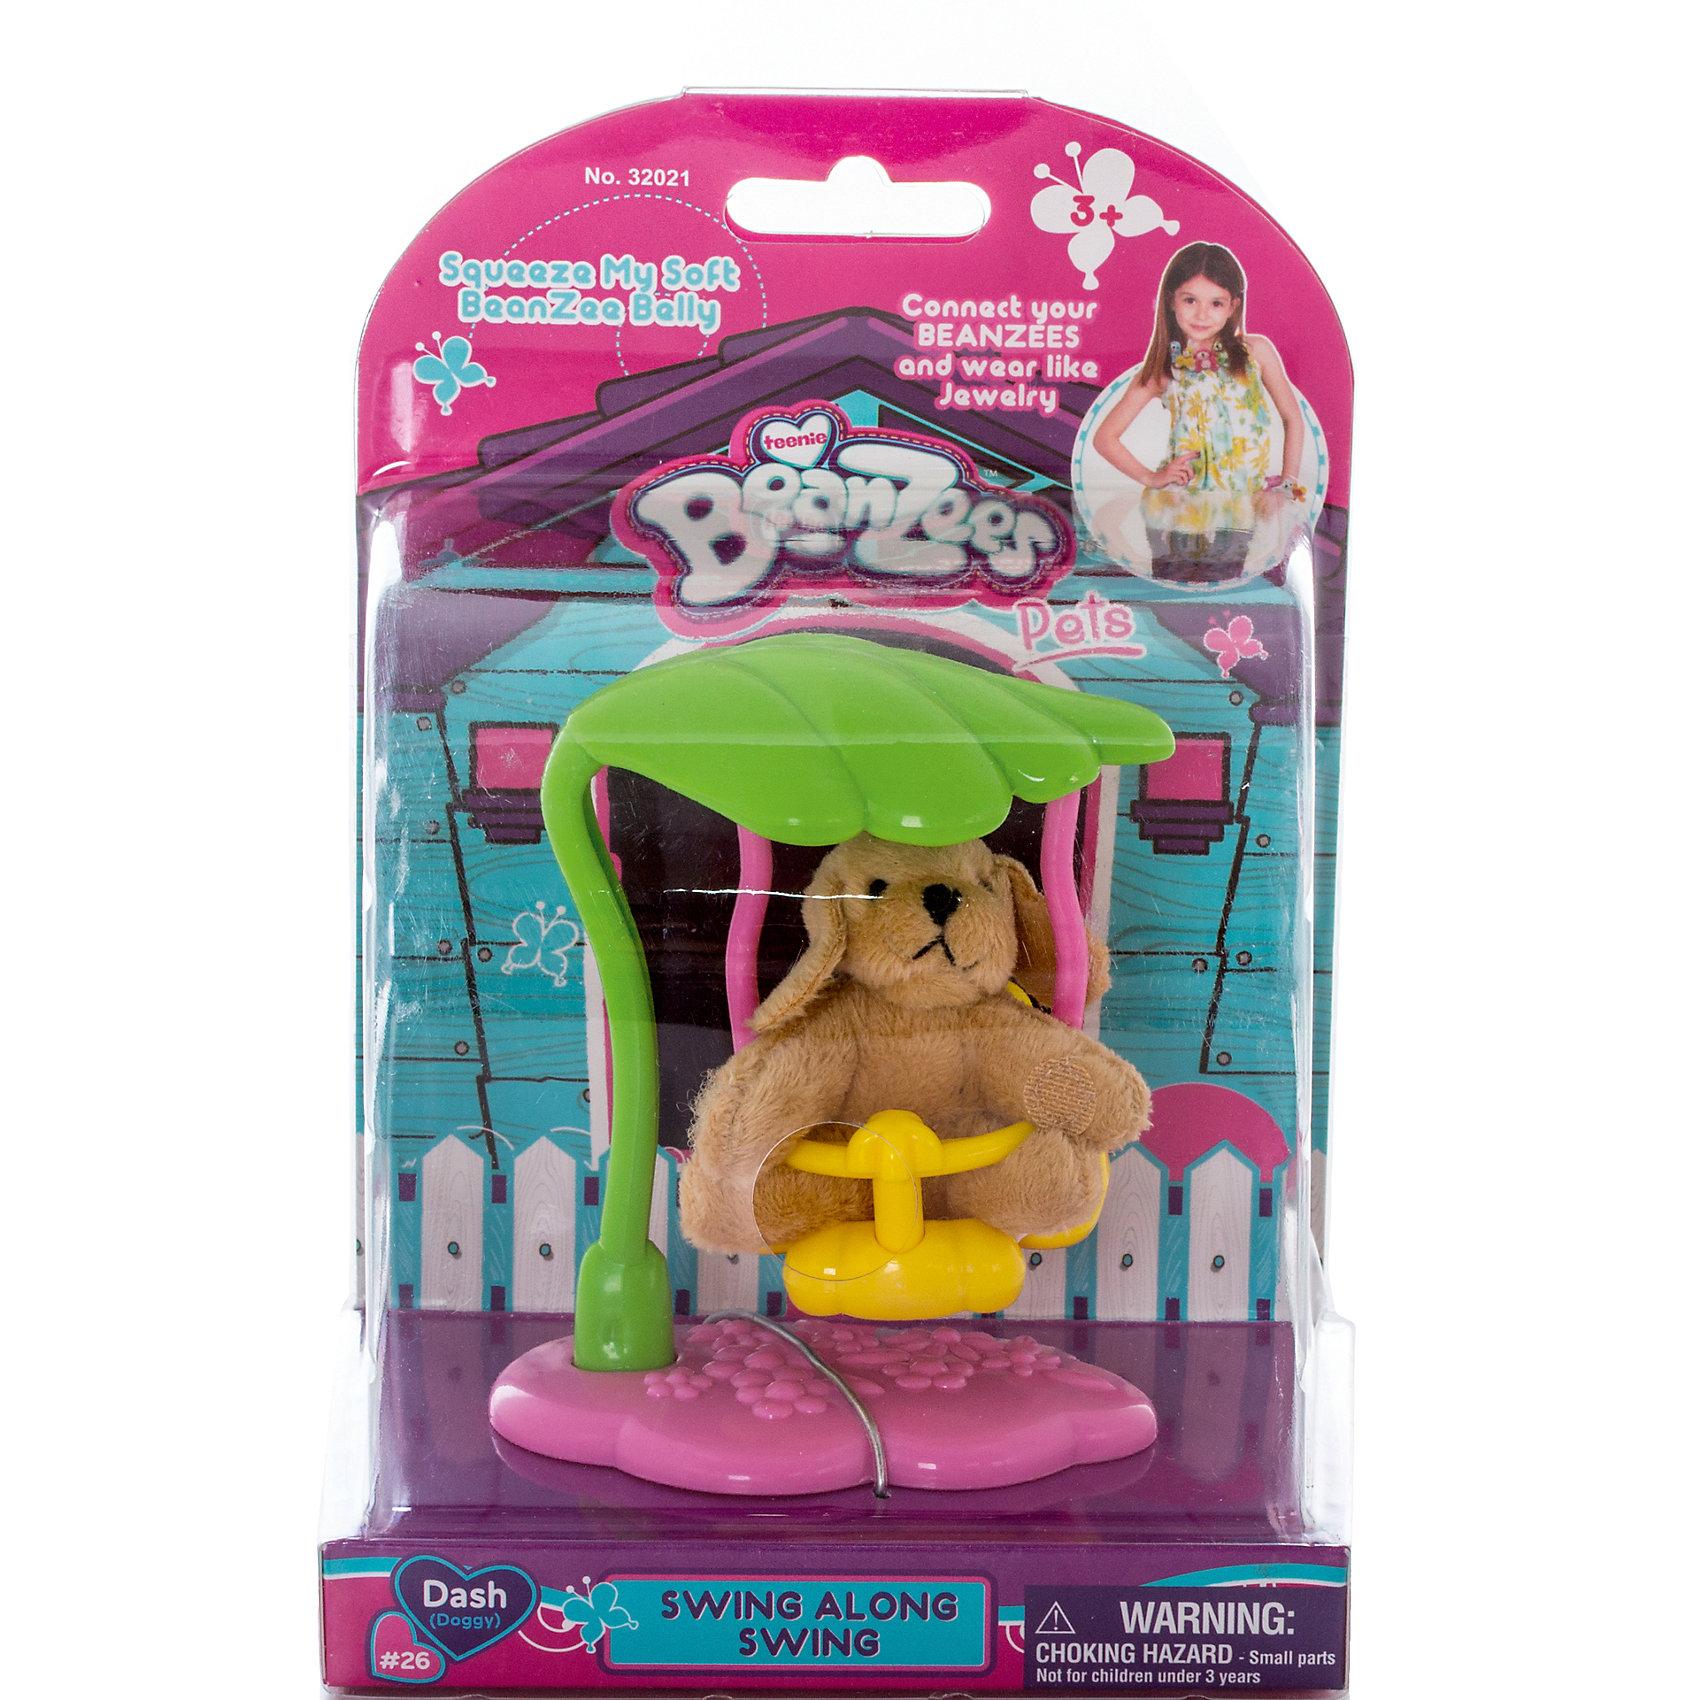 Плюшевый игровой набор Собачка на качелях, BeanzeezКошки и собаки<br>Характеристики товара:<br><br>- цвет: разноцветный;<br>- материал: пластик, текстиль;<br>- комплектация: фигурка животного, аксессуар;<br>- особенности: наличие на лапках липучек, игрушку можно соединять с другими героями из серии;<br>- живот заполнен гранулами;<br>- размер упаковки: 9х18х13 см;<br>- упаковка: блистер;<br>- вес: 146 г.<br><br>Такая симпатичная фигурка не оставит ребенка равнодушным! Какой малыш откажется поиграть с маленькой плюшевой игрушкой из большой пушистой коллекции?! Игрушка очень качественно выполнена, поэтому она станет отличным подарком ребенку. В наборе идет фигурка животного и аксессуары. С ними можно придумать множество сюжетов, разыгрывая которые, ребенок развивает мелкую моторику, воображение и творческое мышление.<br>Изделие произведено из высококачественного материала, безопасного для детей.<br><br>Плюшевый игровой набор Собачка на качелях от бренда Beanzeez можно купить в нашем интернет-магазине.<br><br>Ширина мм: 85<br>Глубина мм: 180<br>Высота мм: 130<br>Вес г: 145<br>Возраст от месяцев: 36<br>Возраст до месяцев: 2147483647<br>Пол: Женский<br>Возраст: Детский<br>SKU: 5039890